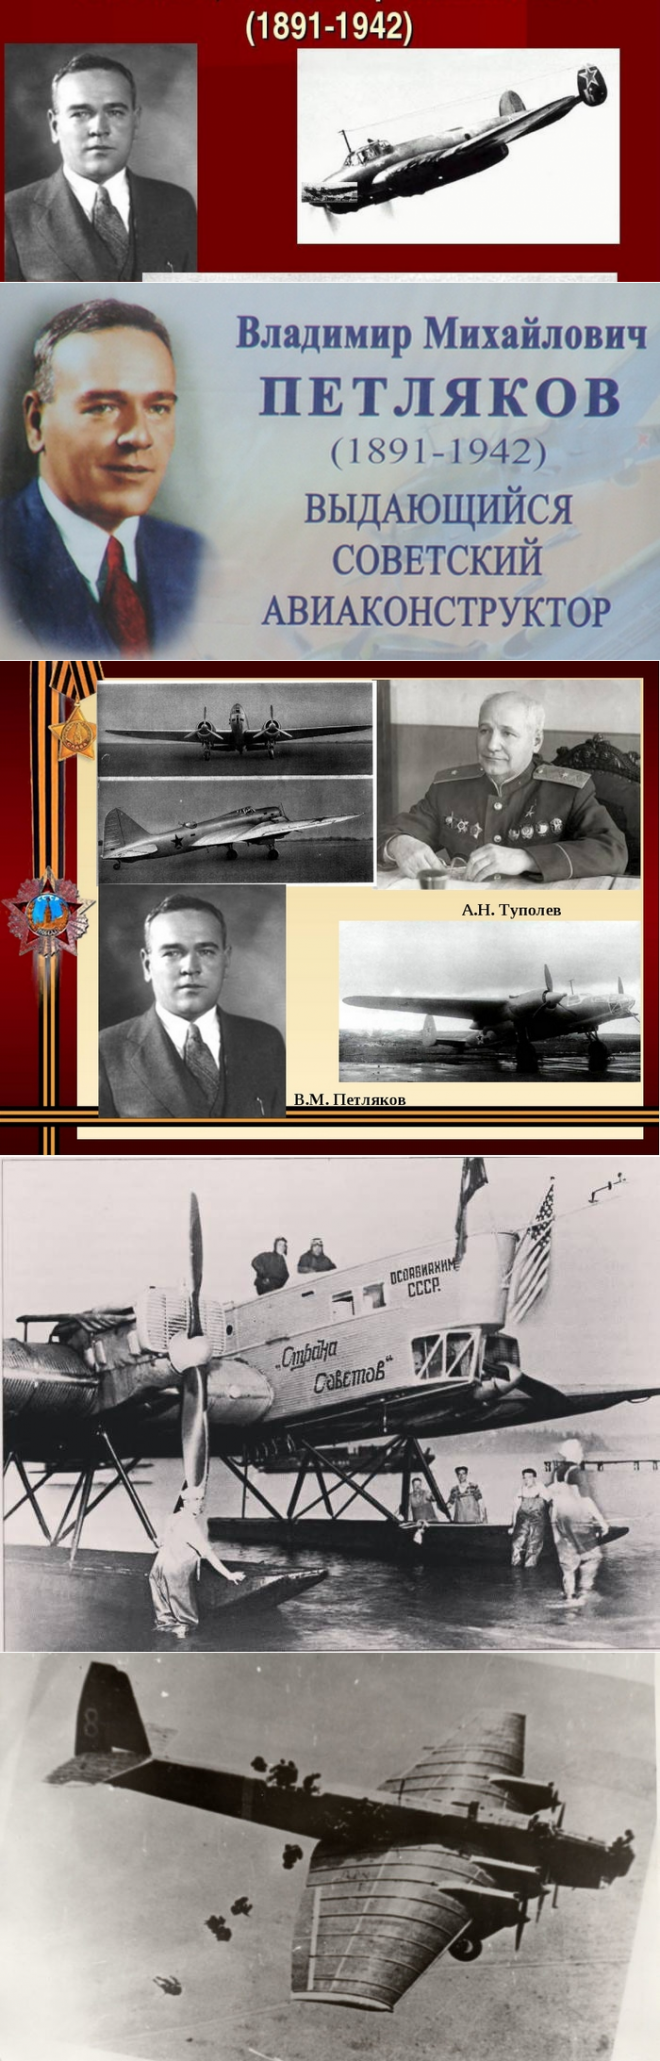 Владимир Петляков – создатель бомбардировщиков-рекордсменов